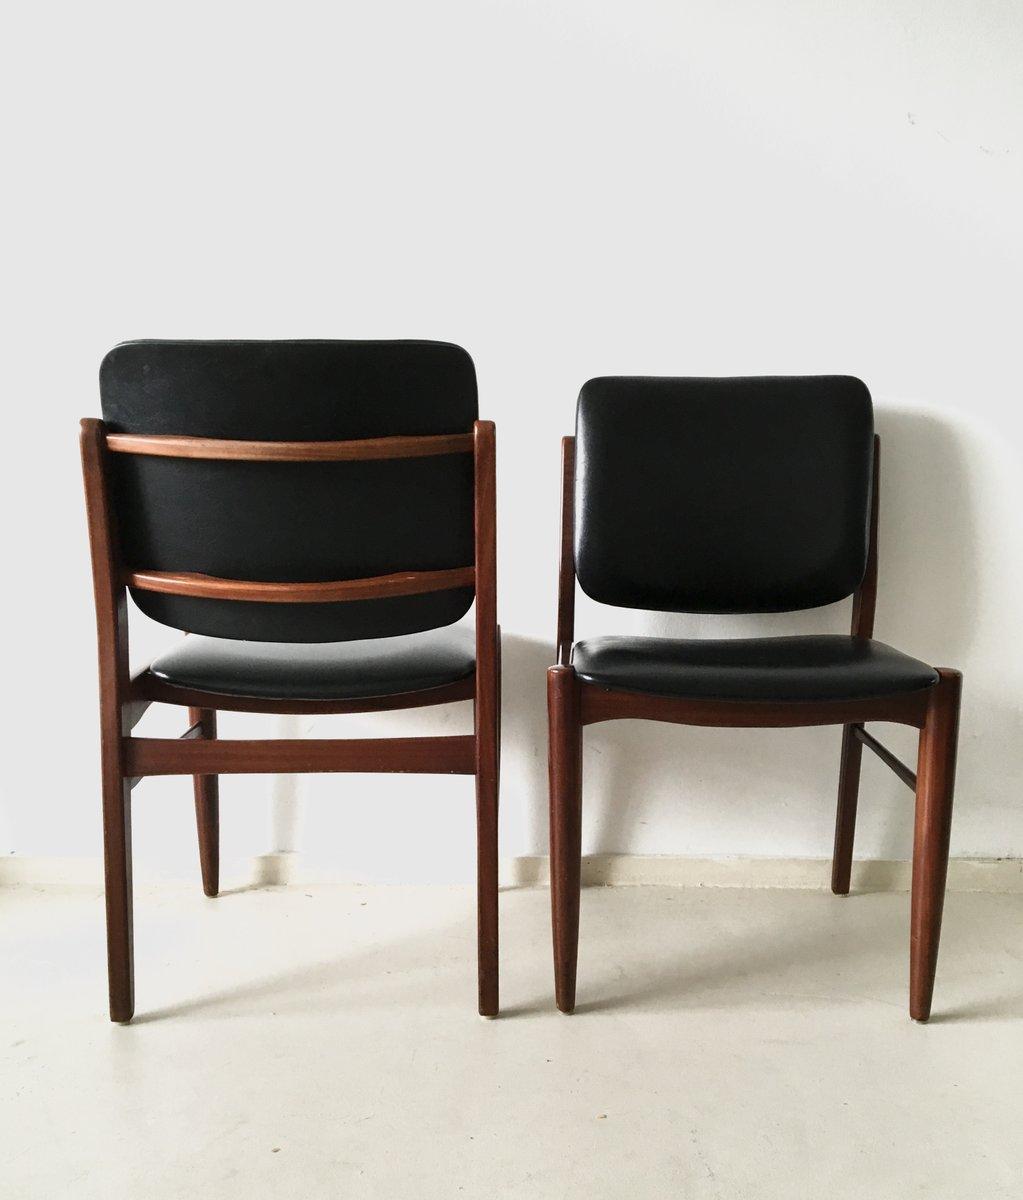 d nische vintage esszimmerst hle 1960er 4er set bei. Black Bedroom Furniture Sets. Home Design Ideas